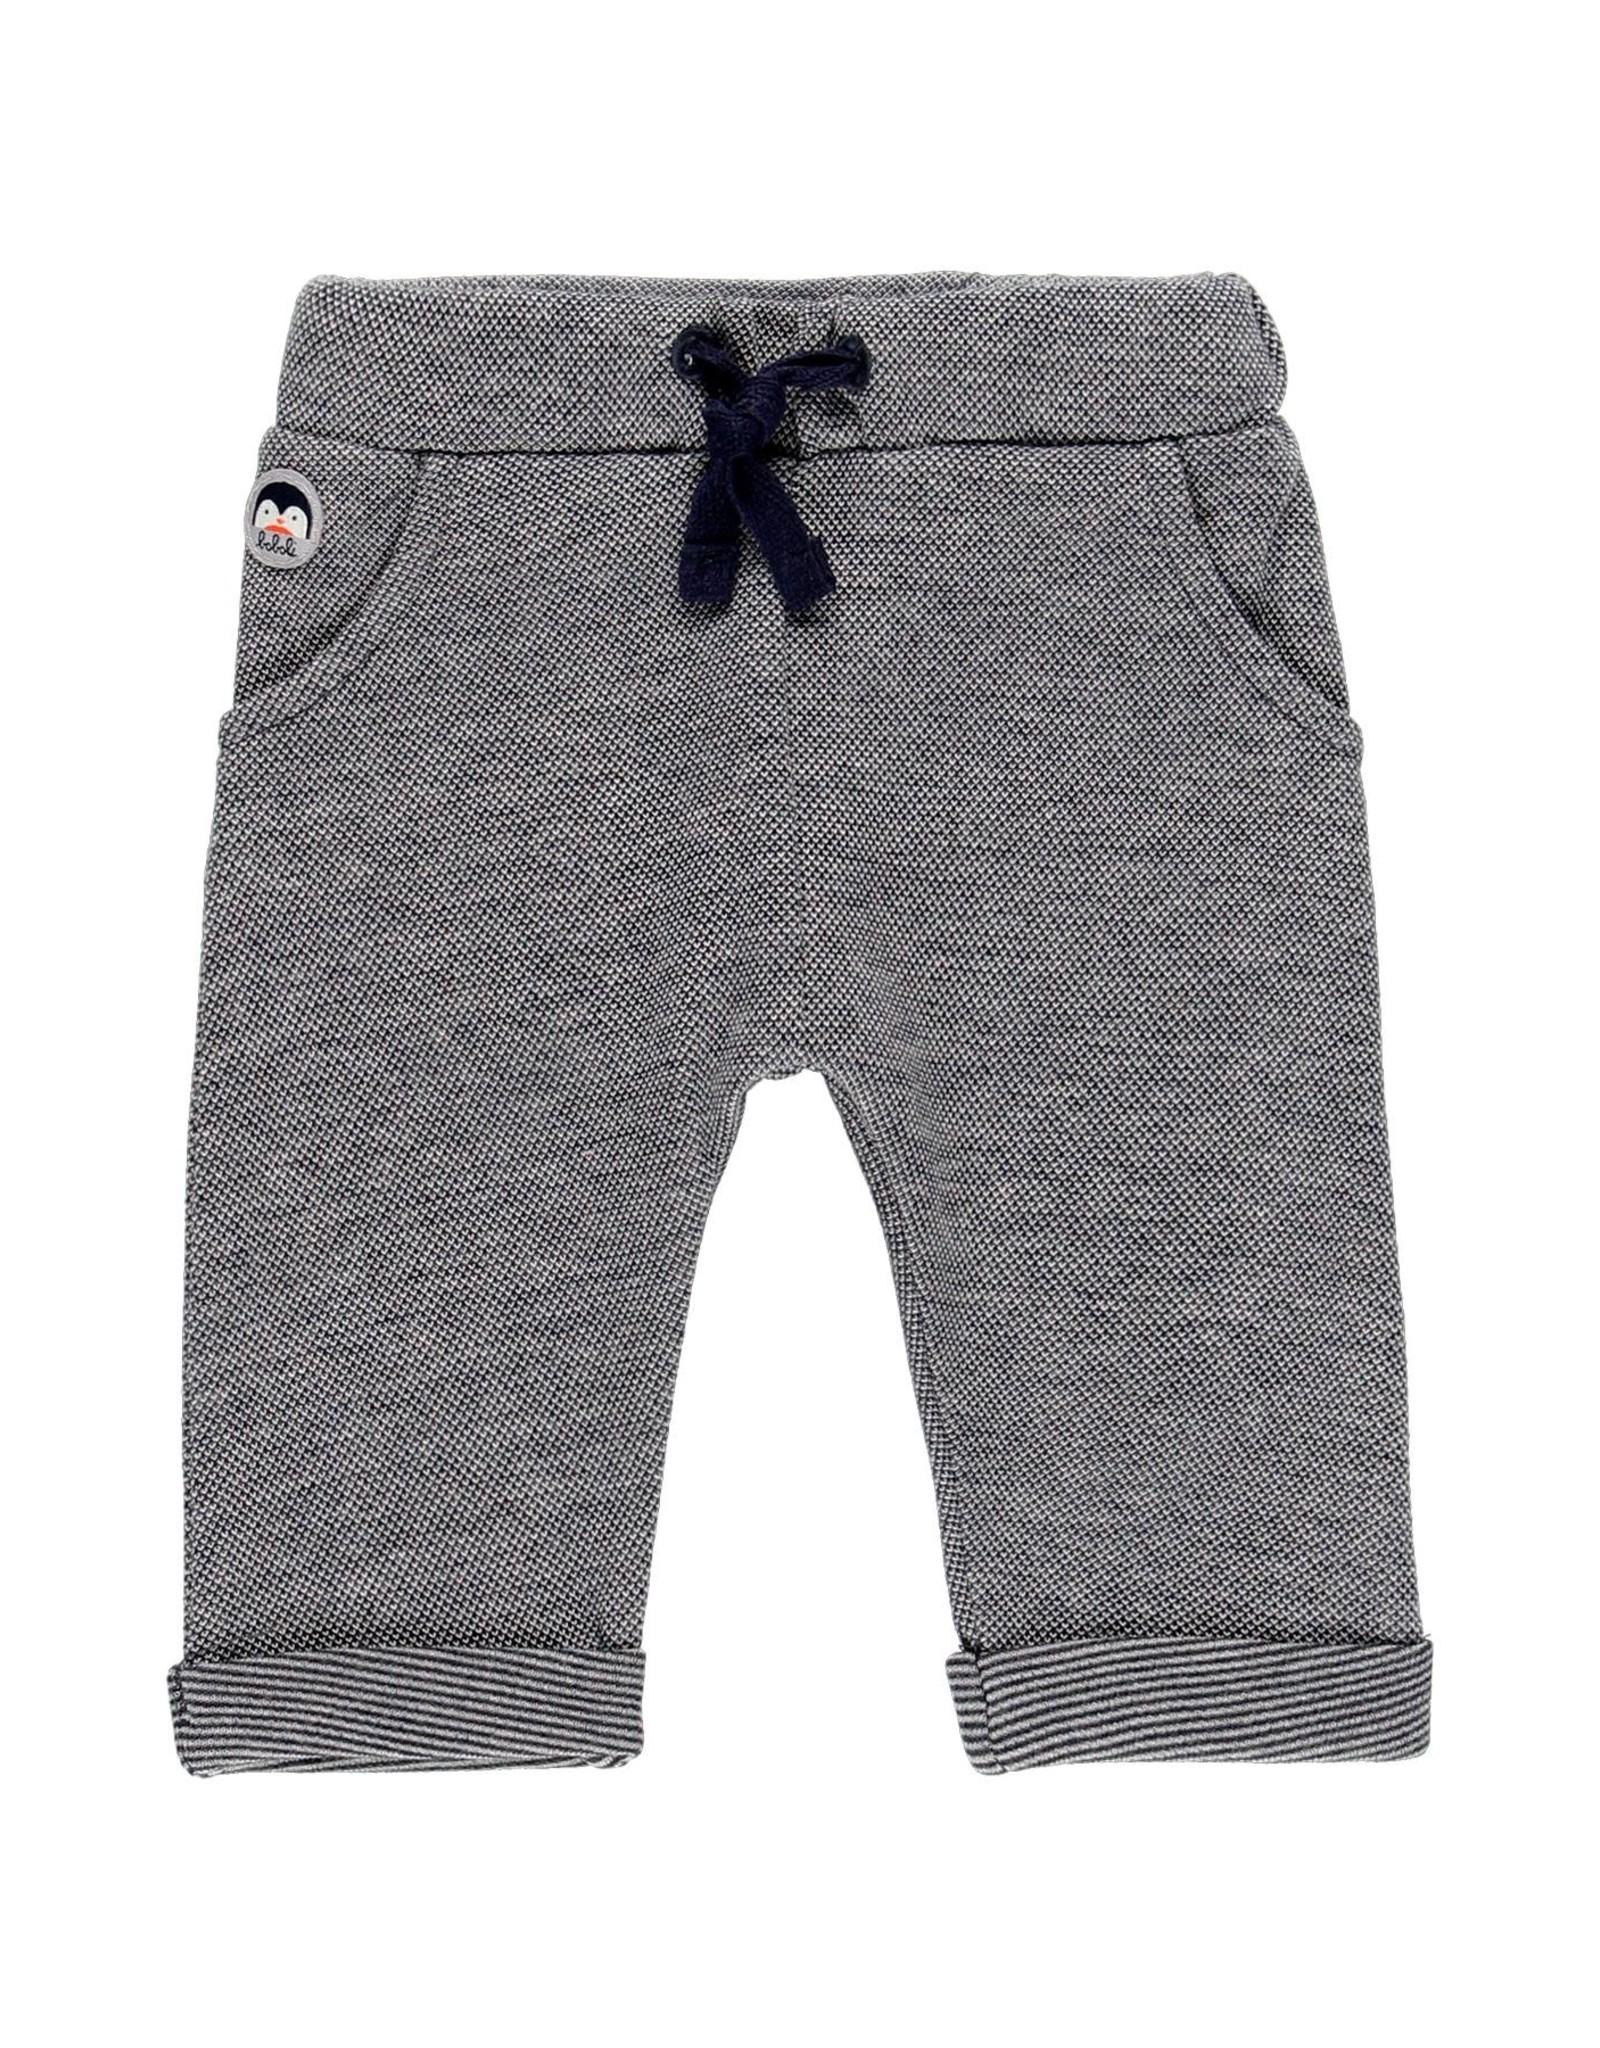 Boboli Knit Pants - Navy pattern